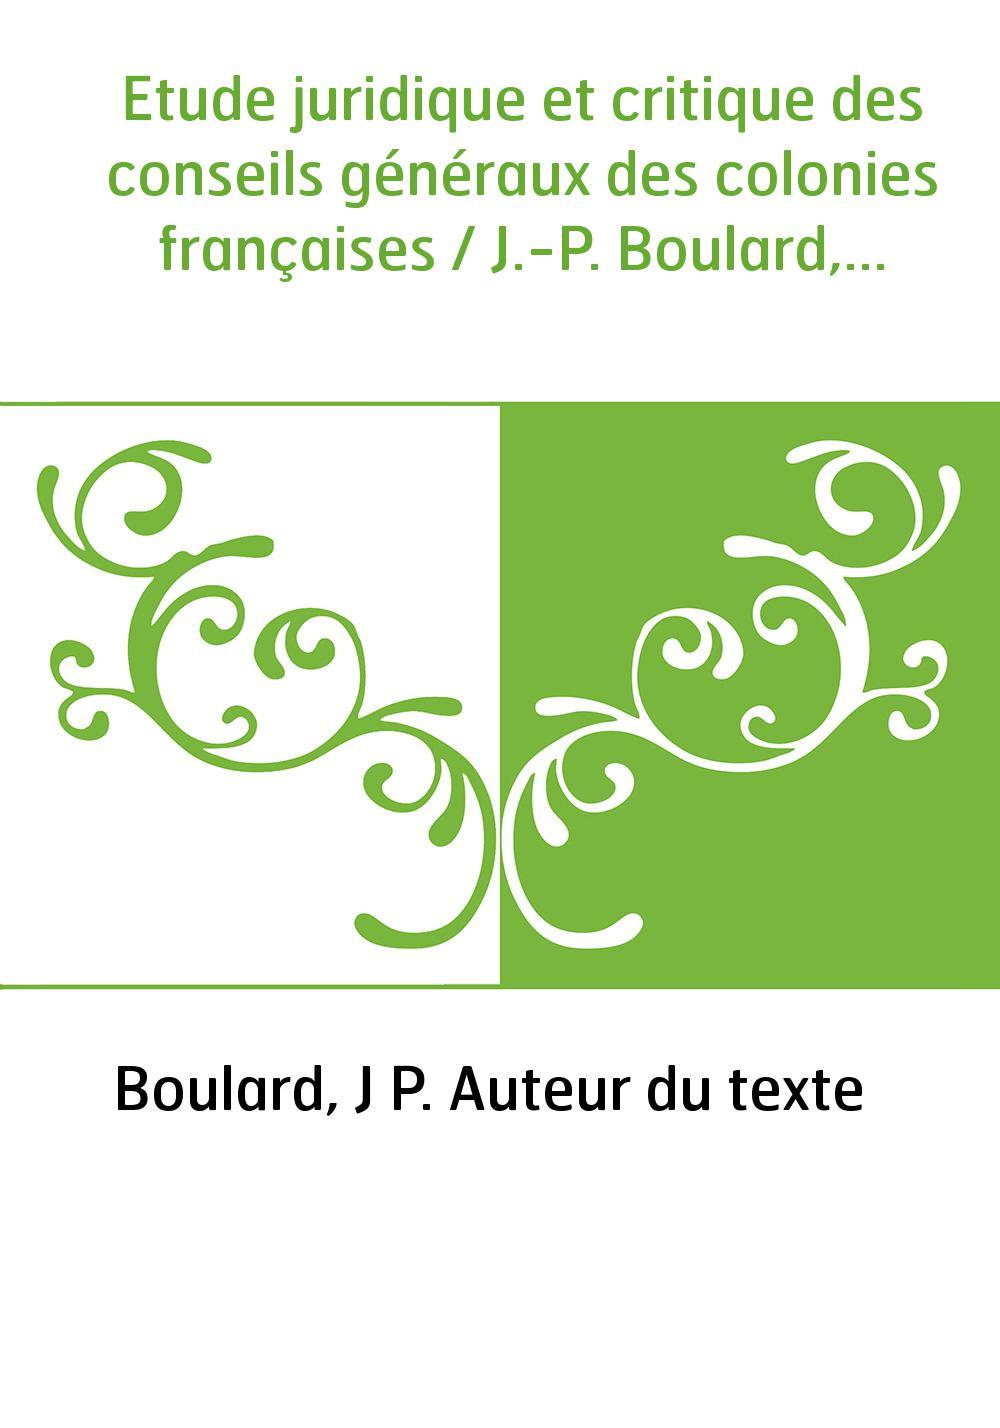 Etude juridique et critique des conseils généraux des colonies françaises / J.-P. Boulard,...